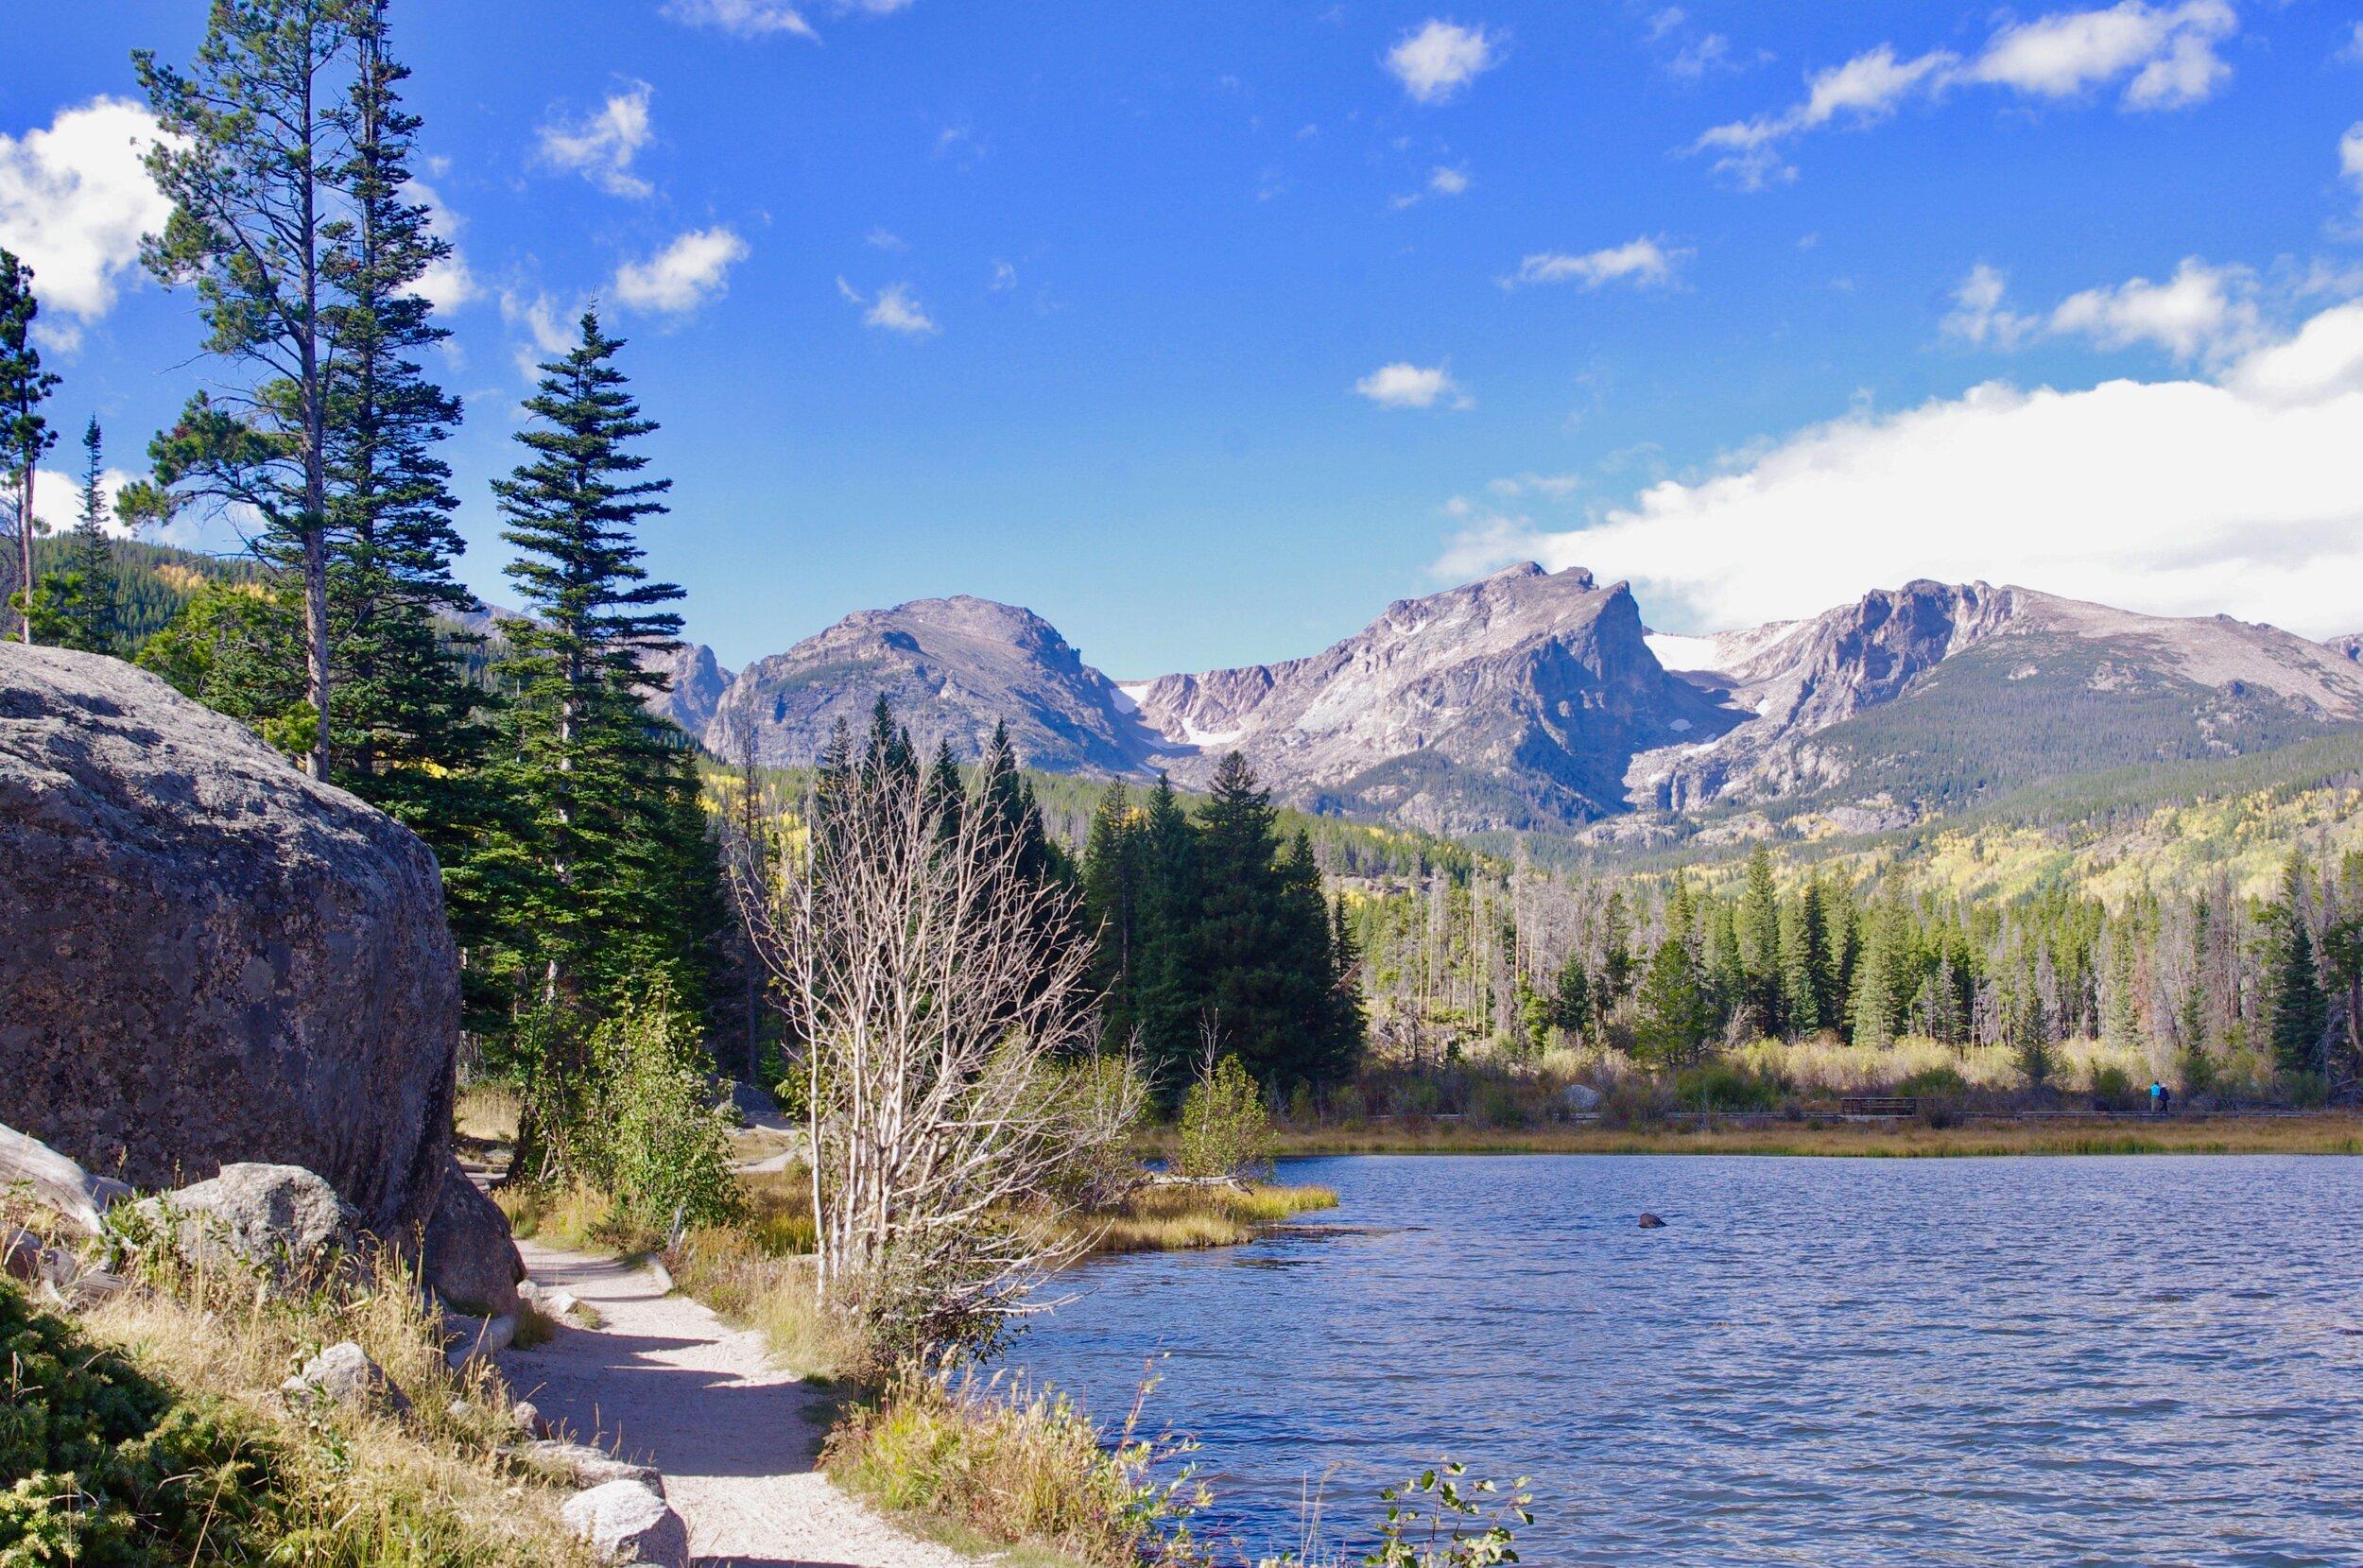 More Sprague Lake